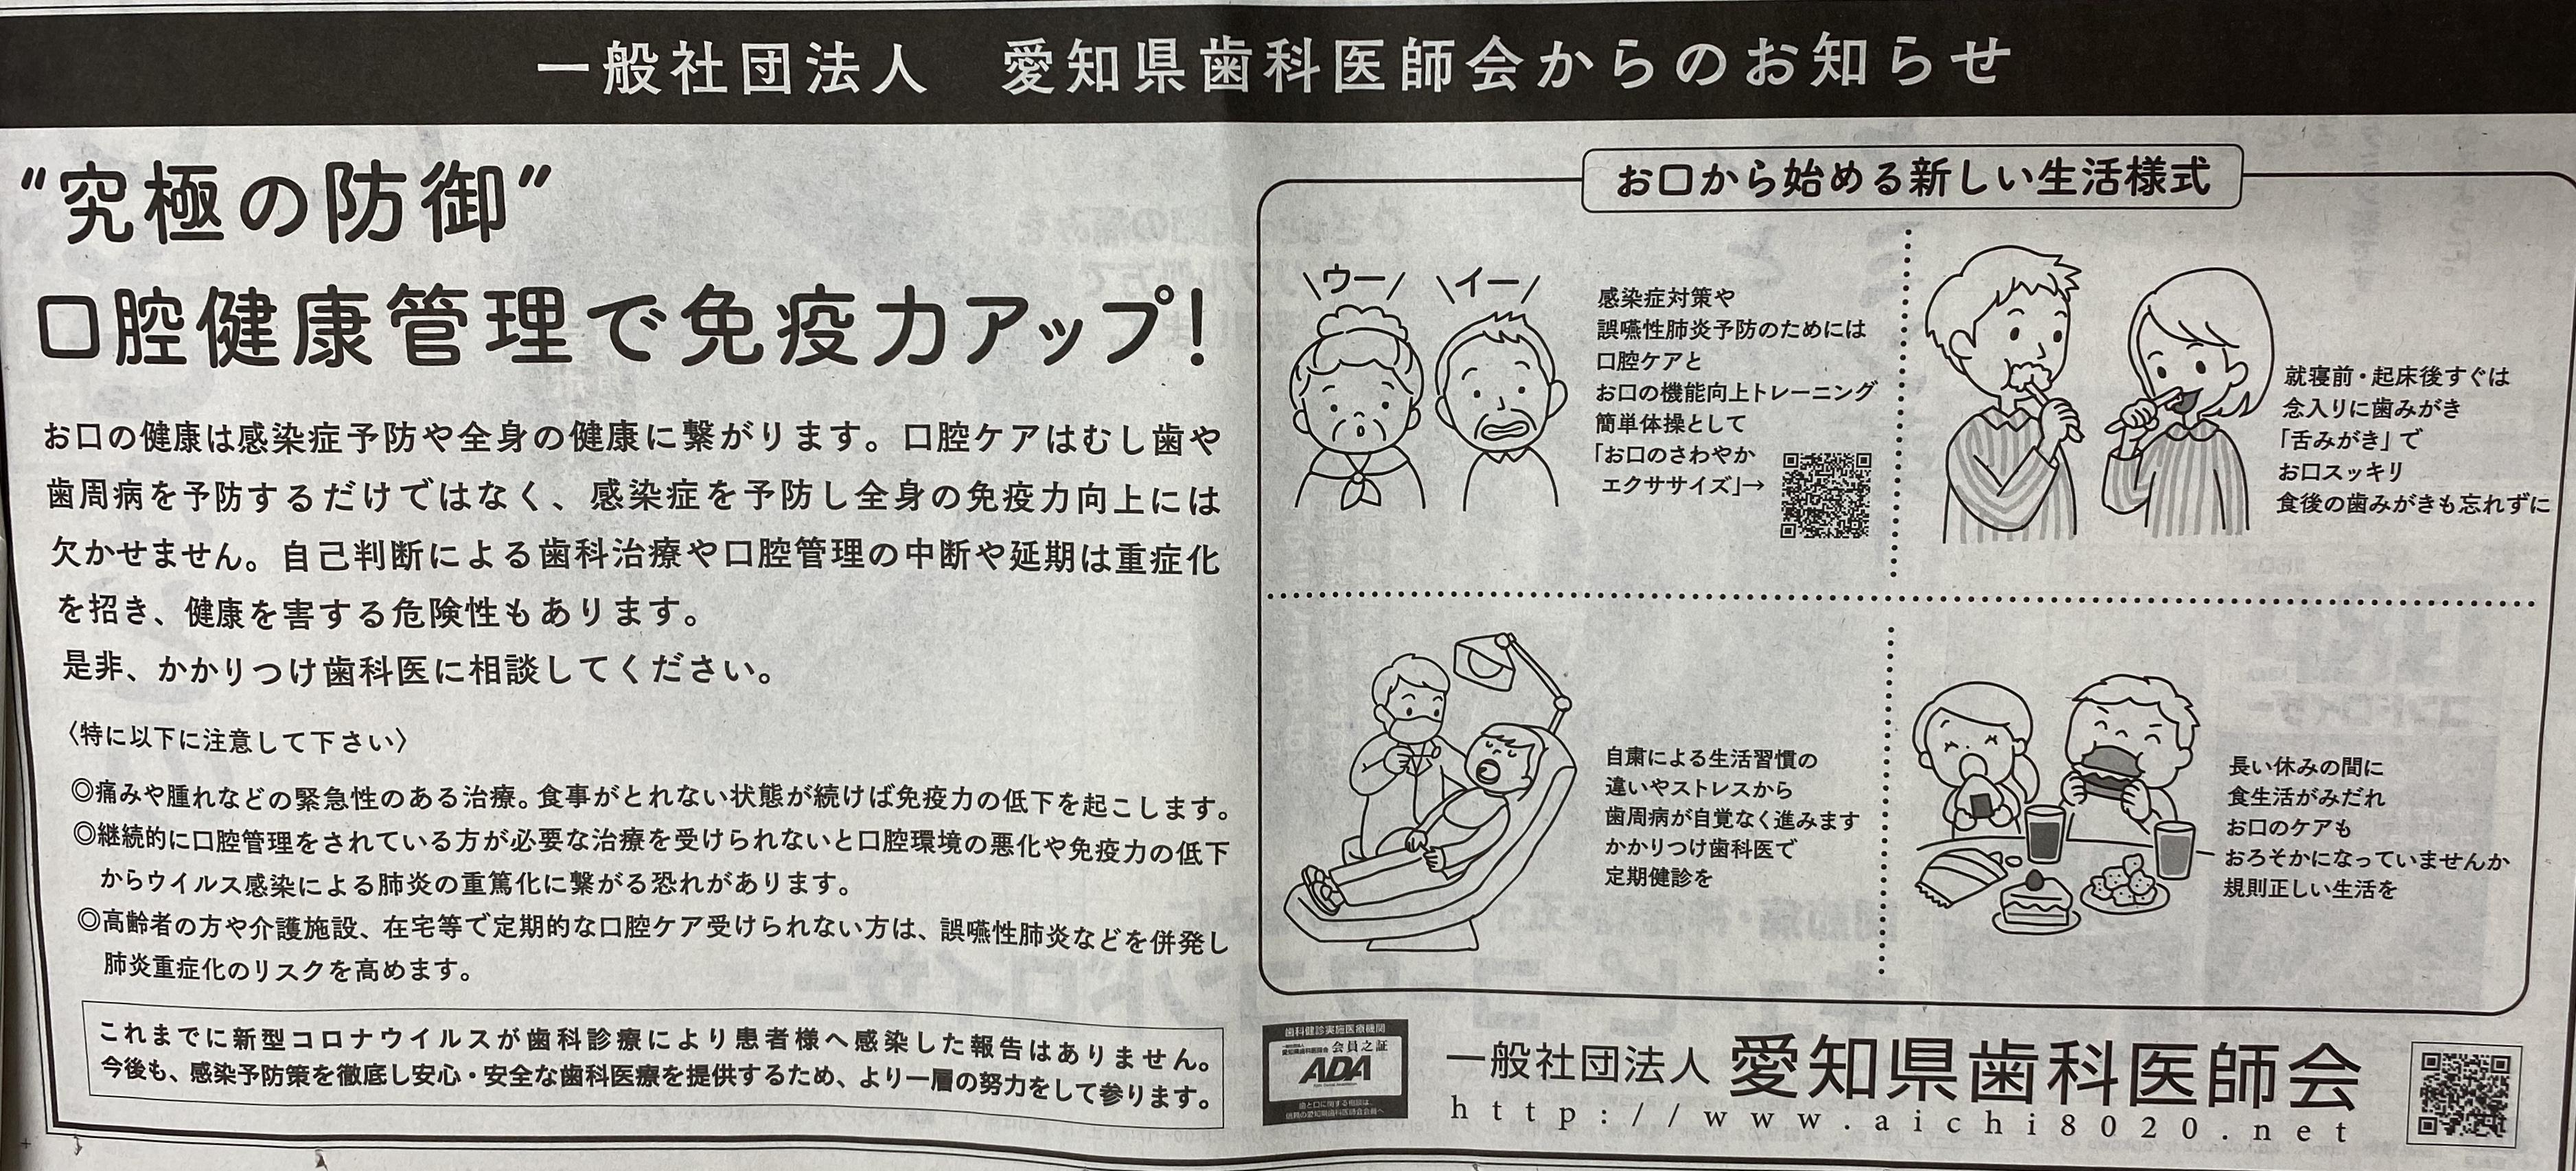 医師 愛知 会 歯科 県